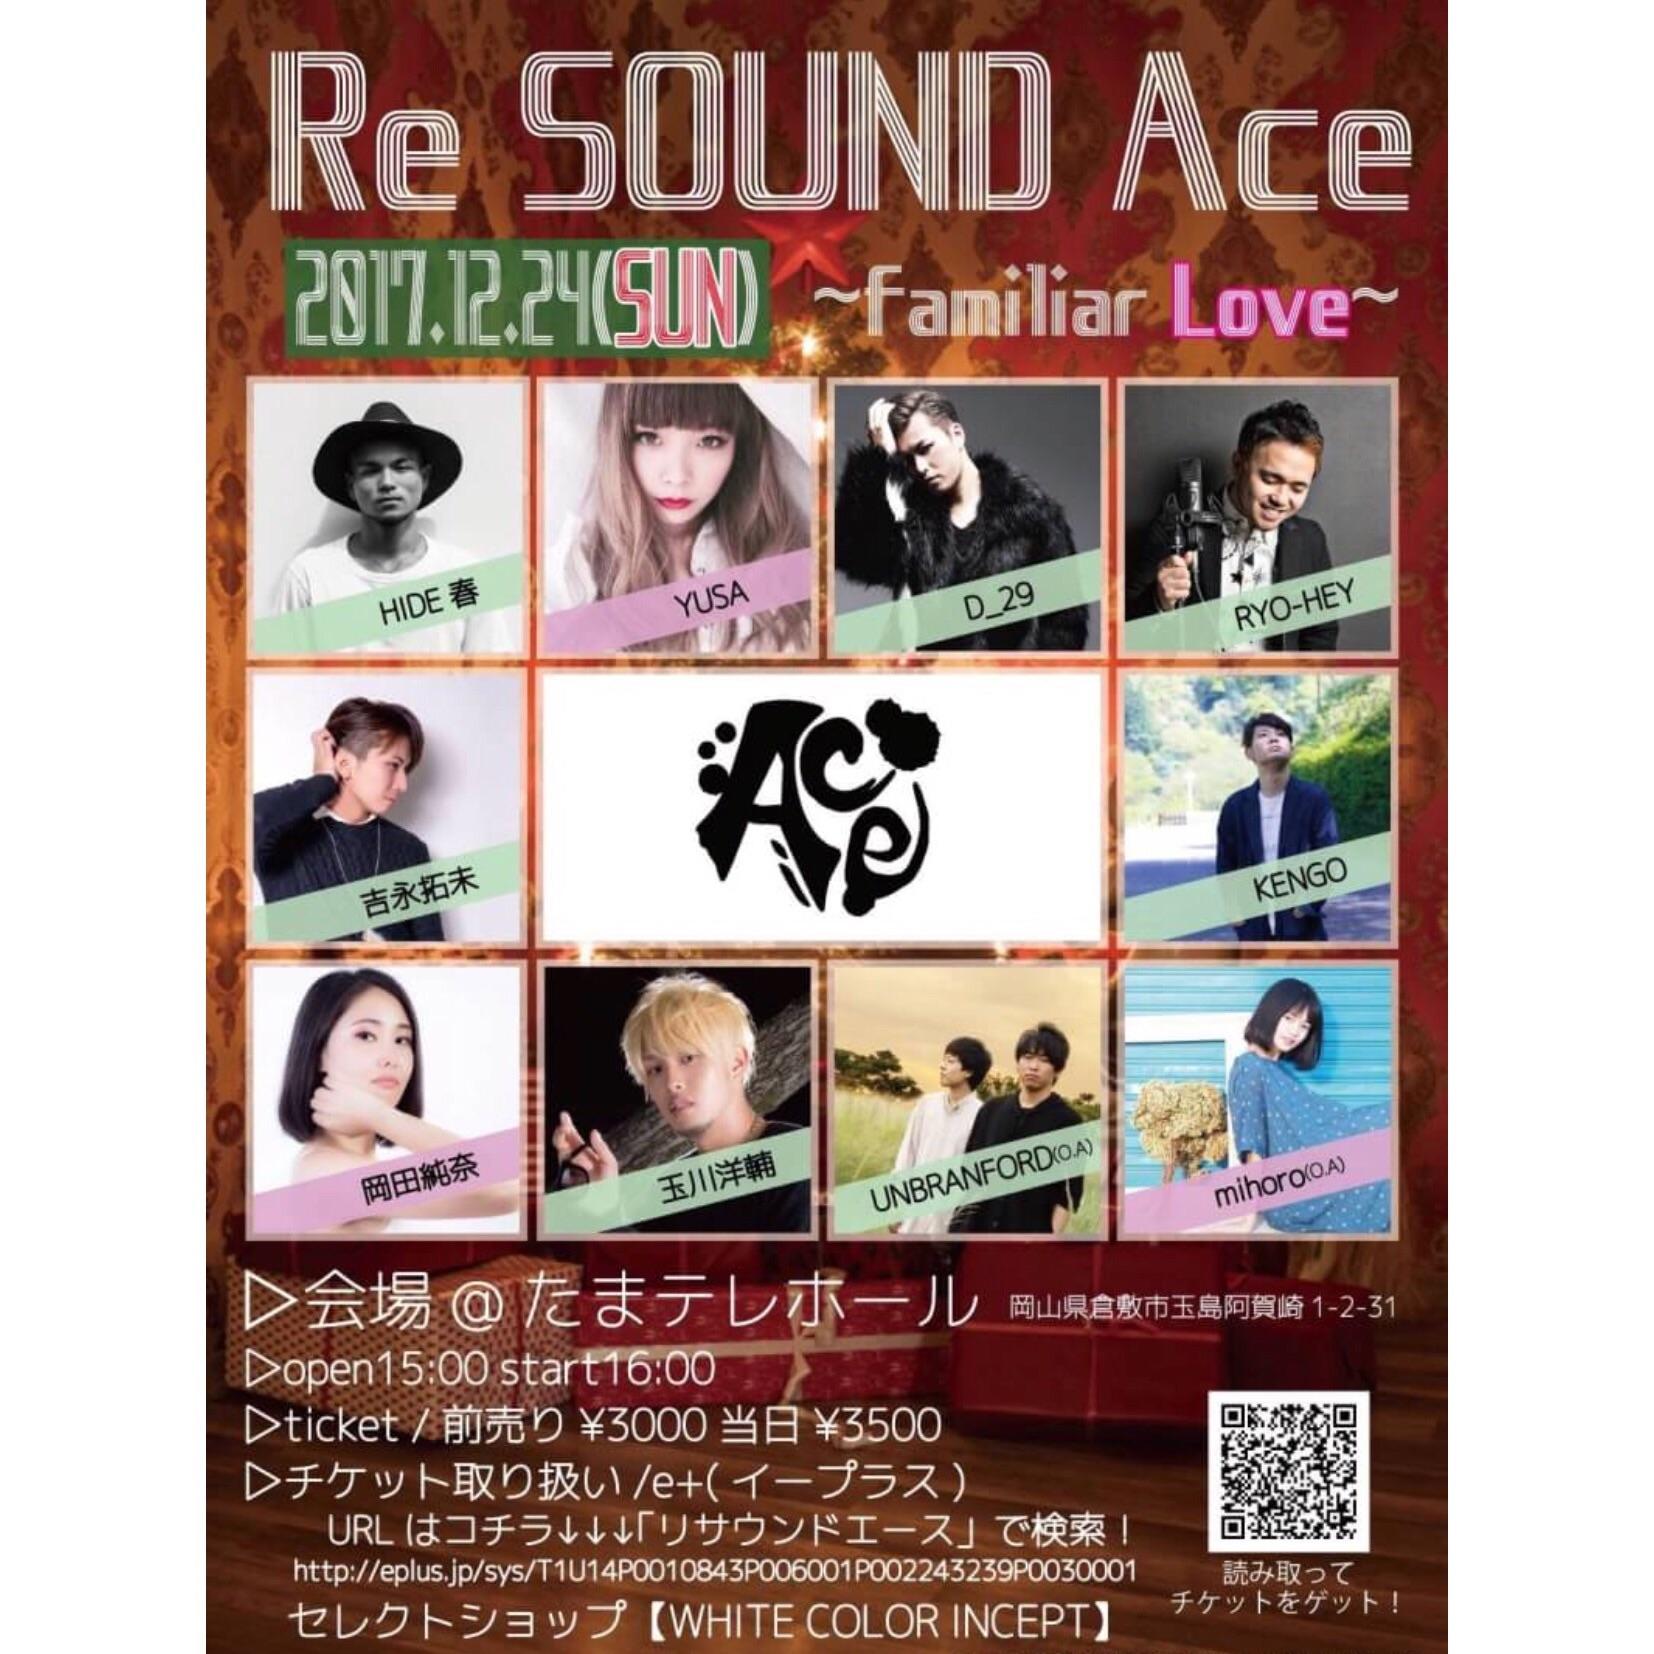 f:id:Yosuke0912:20171217163345j:image